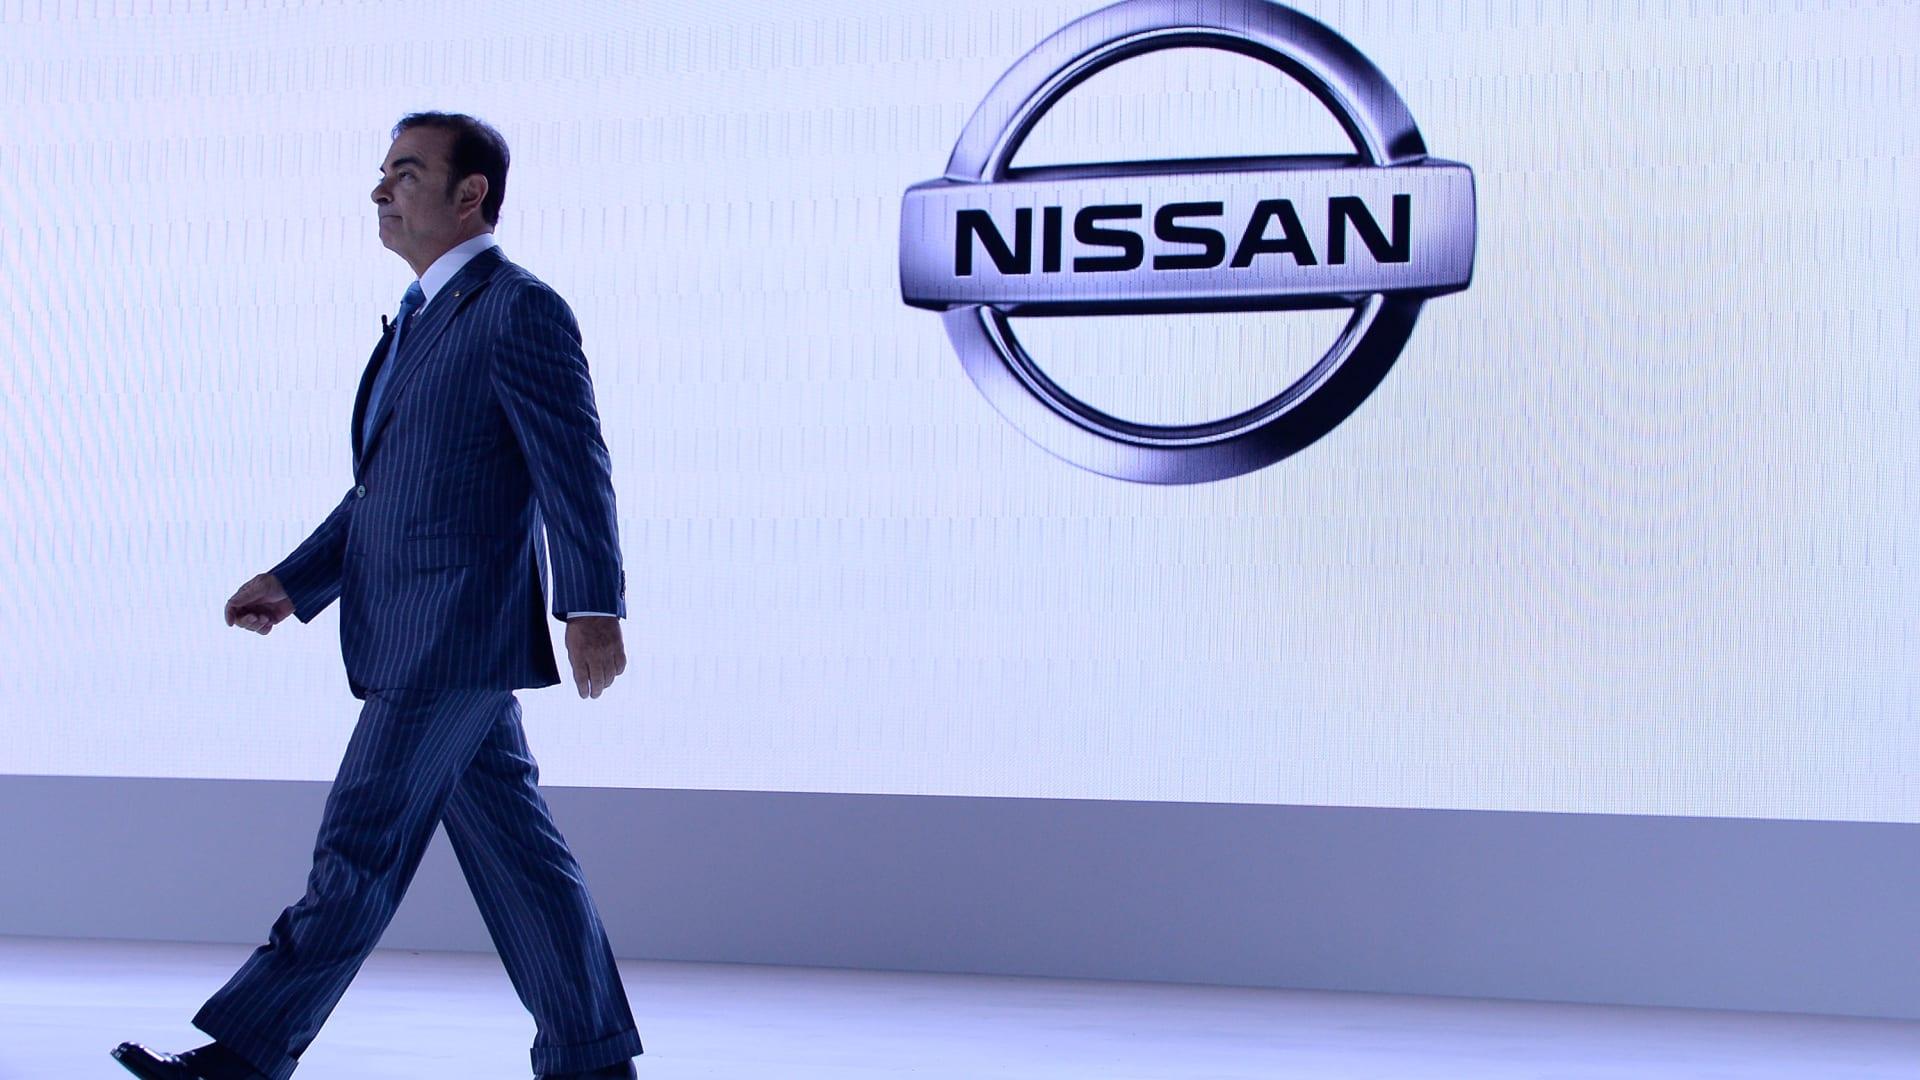 """كيف سيؤثر اعتقال رئيس """"نيسان"""" كارلوس غصن على قطاع السيارات؟"""